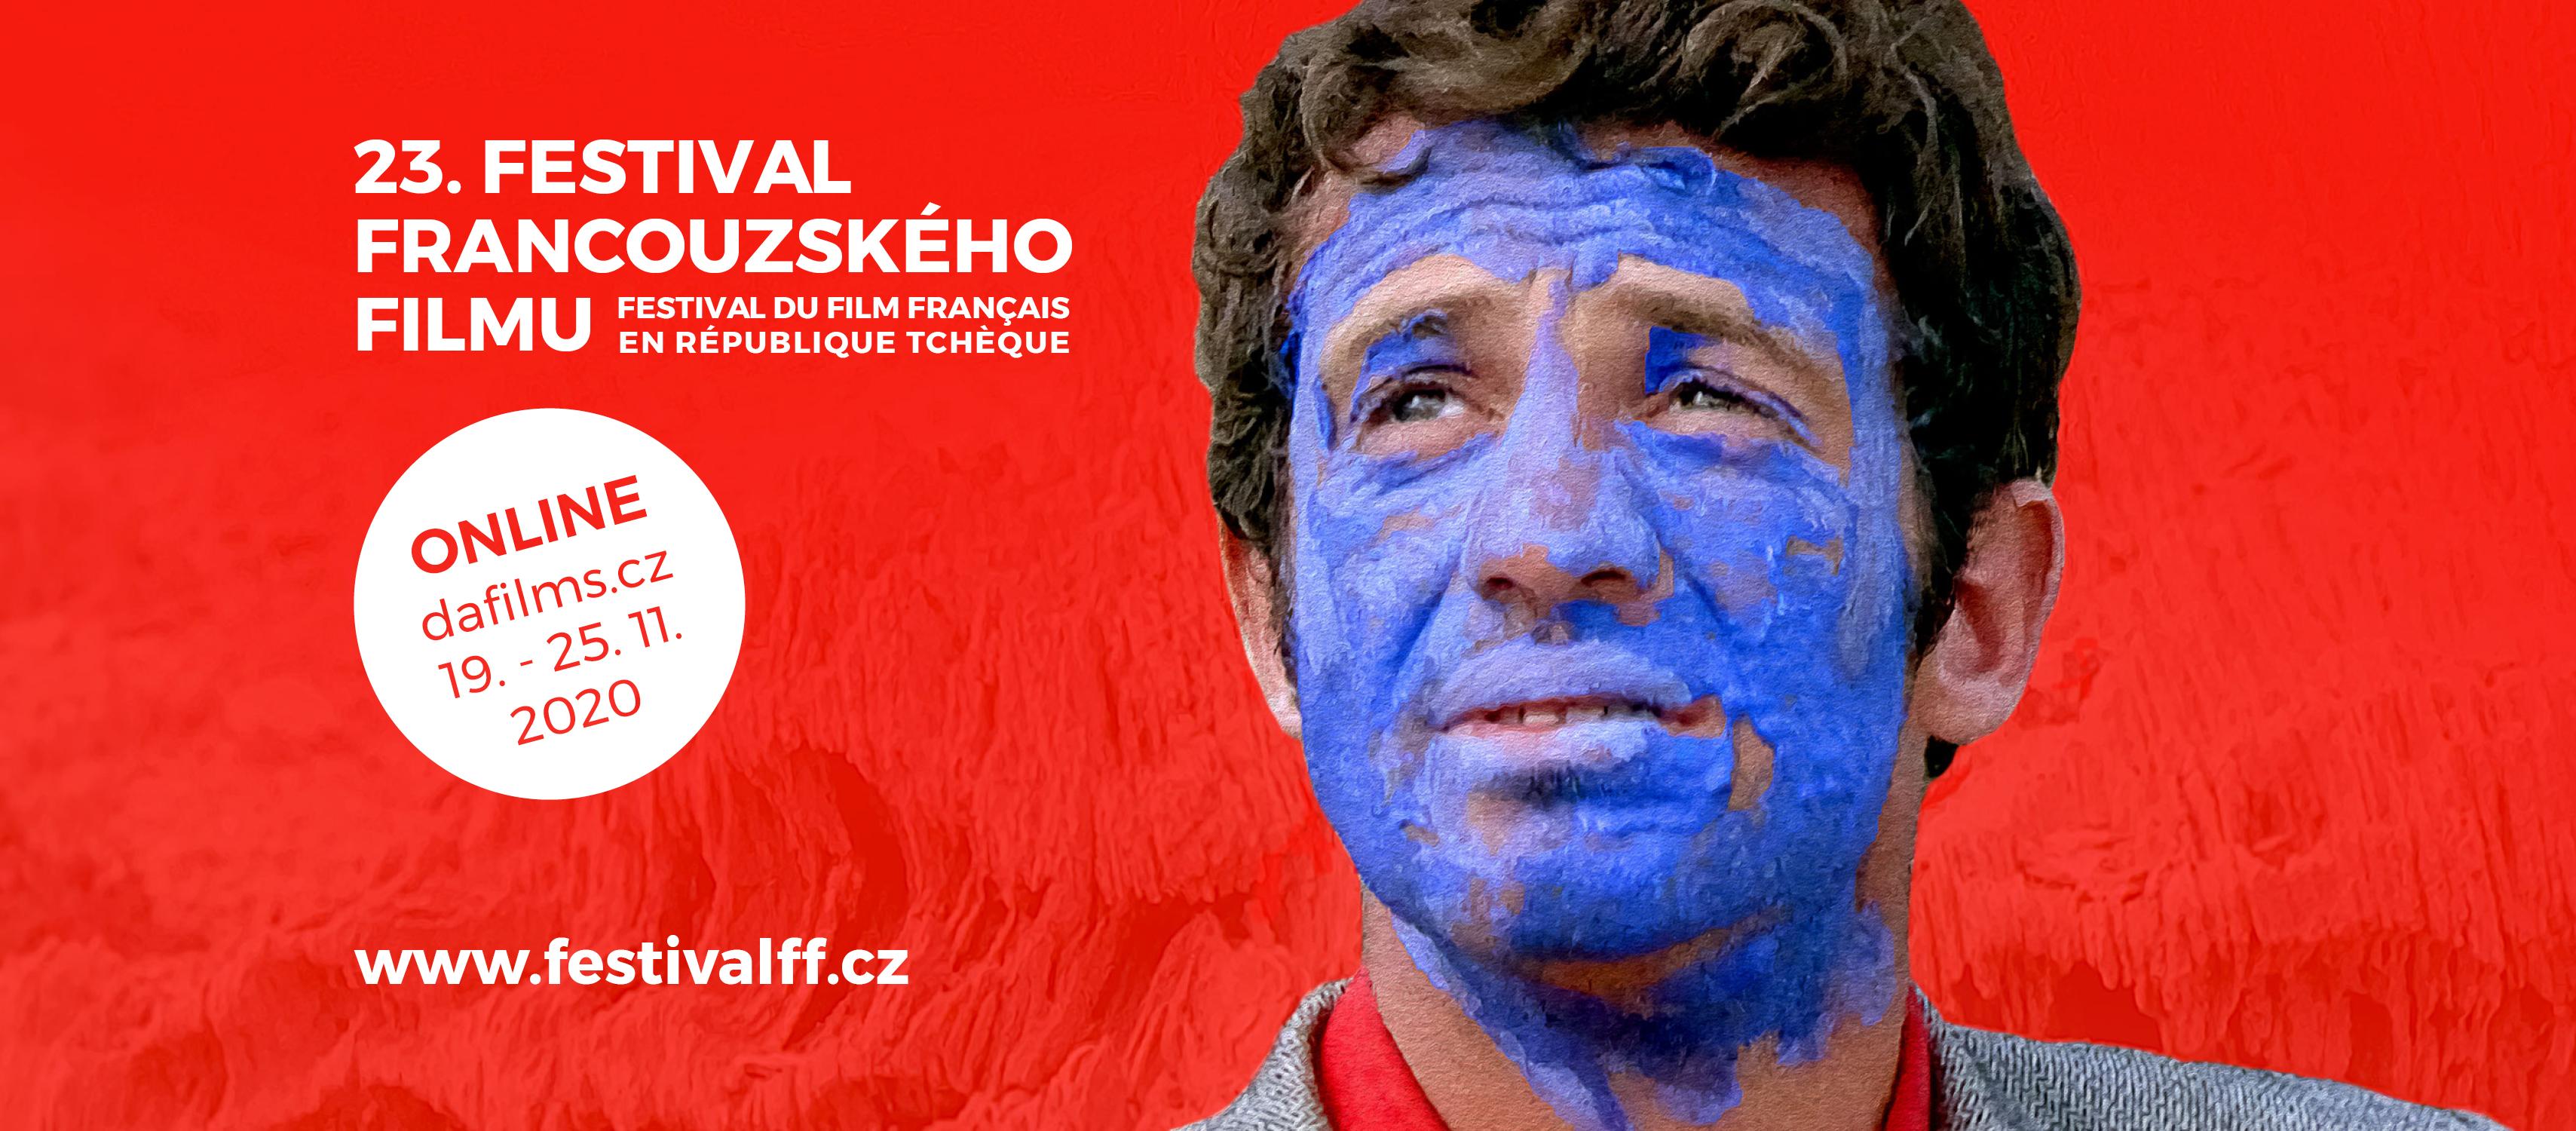 23. Festival francouzského filmu